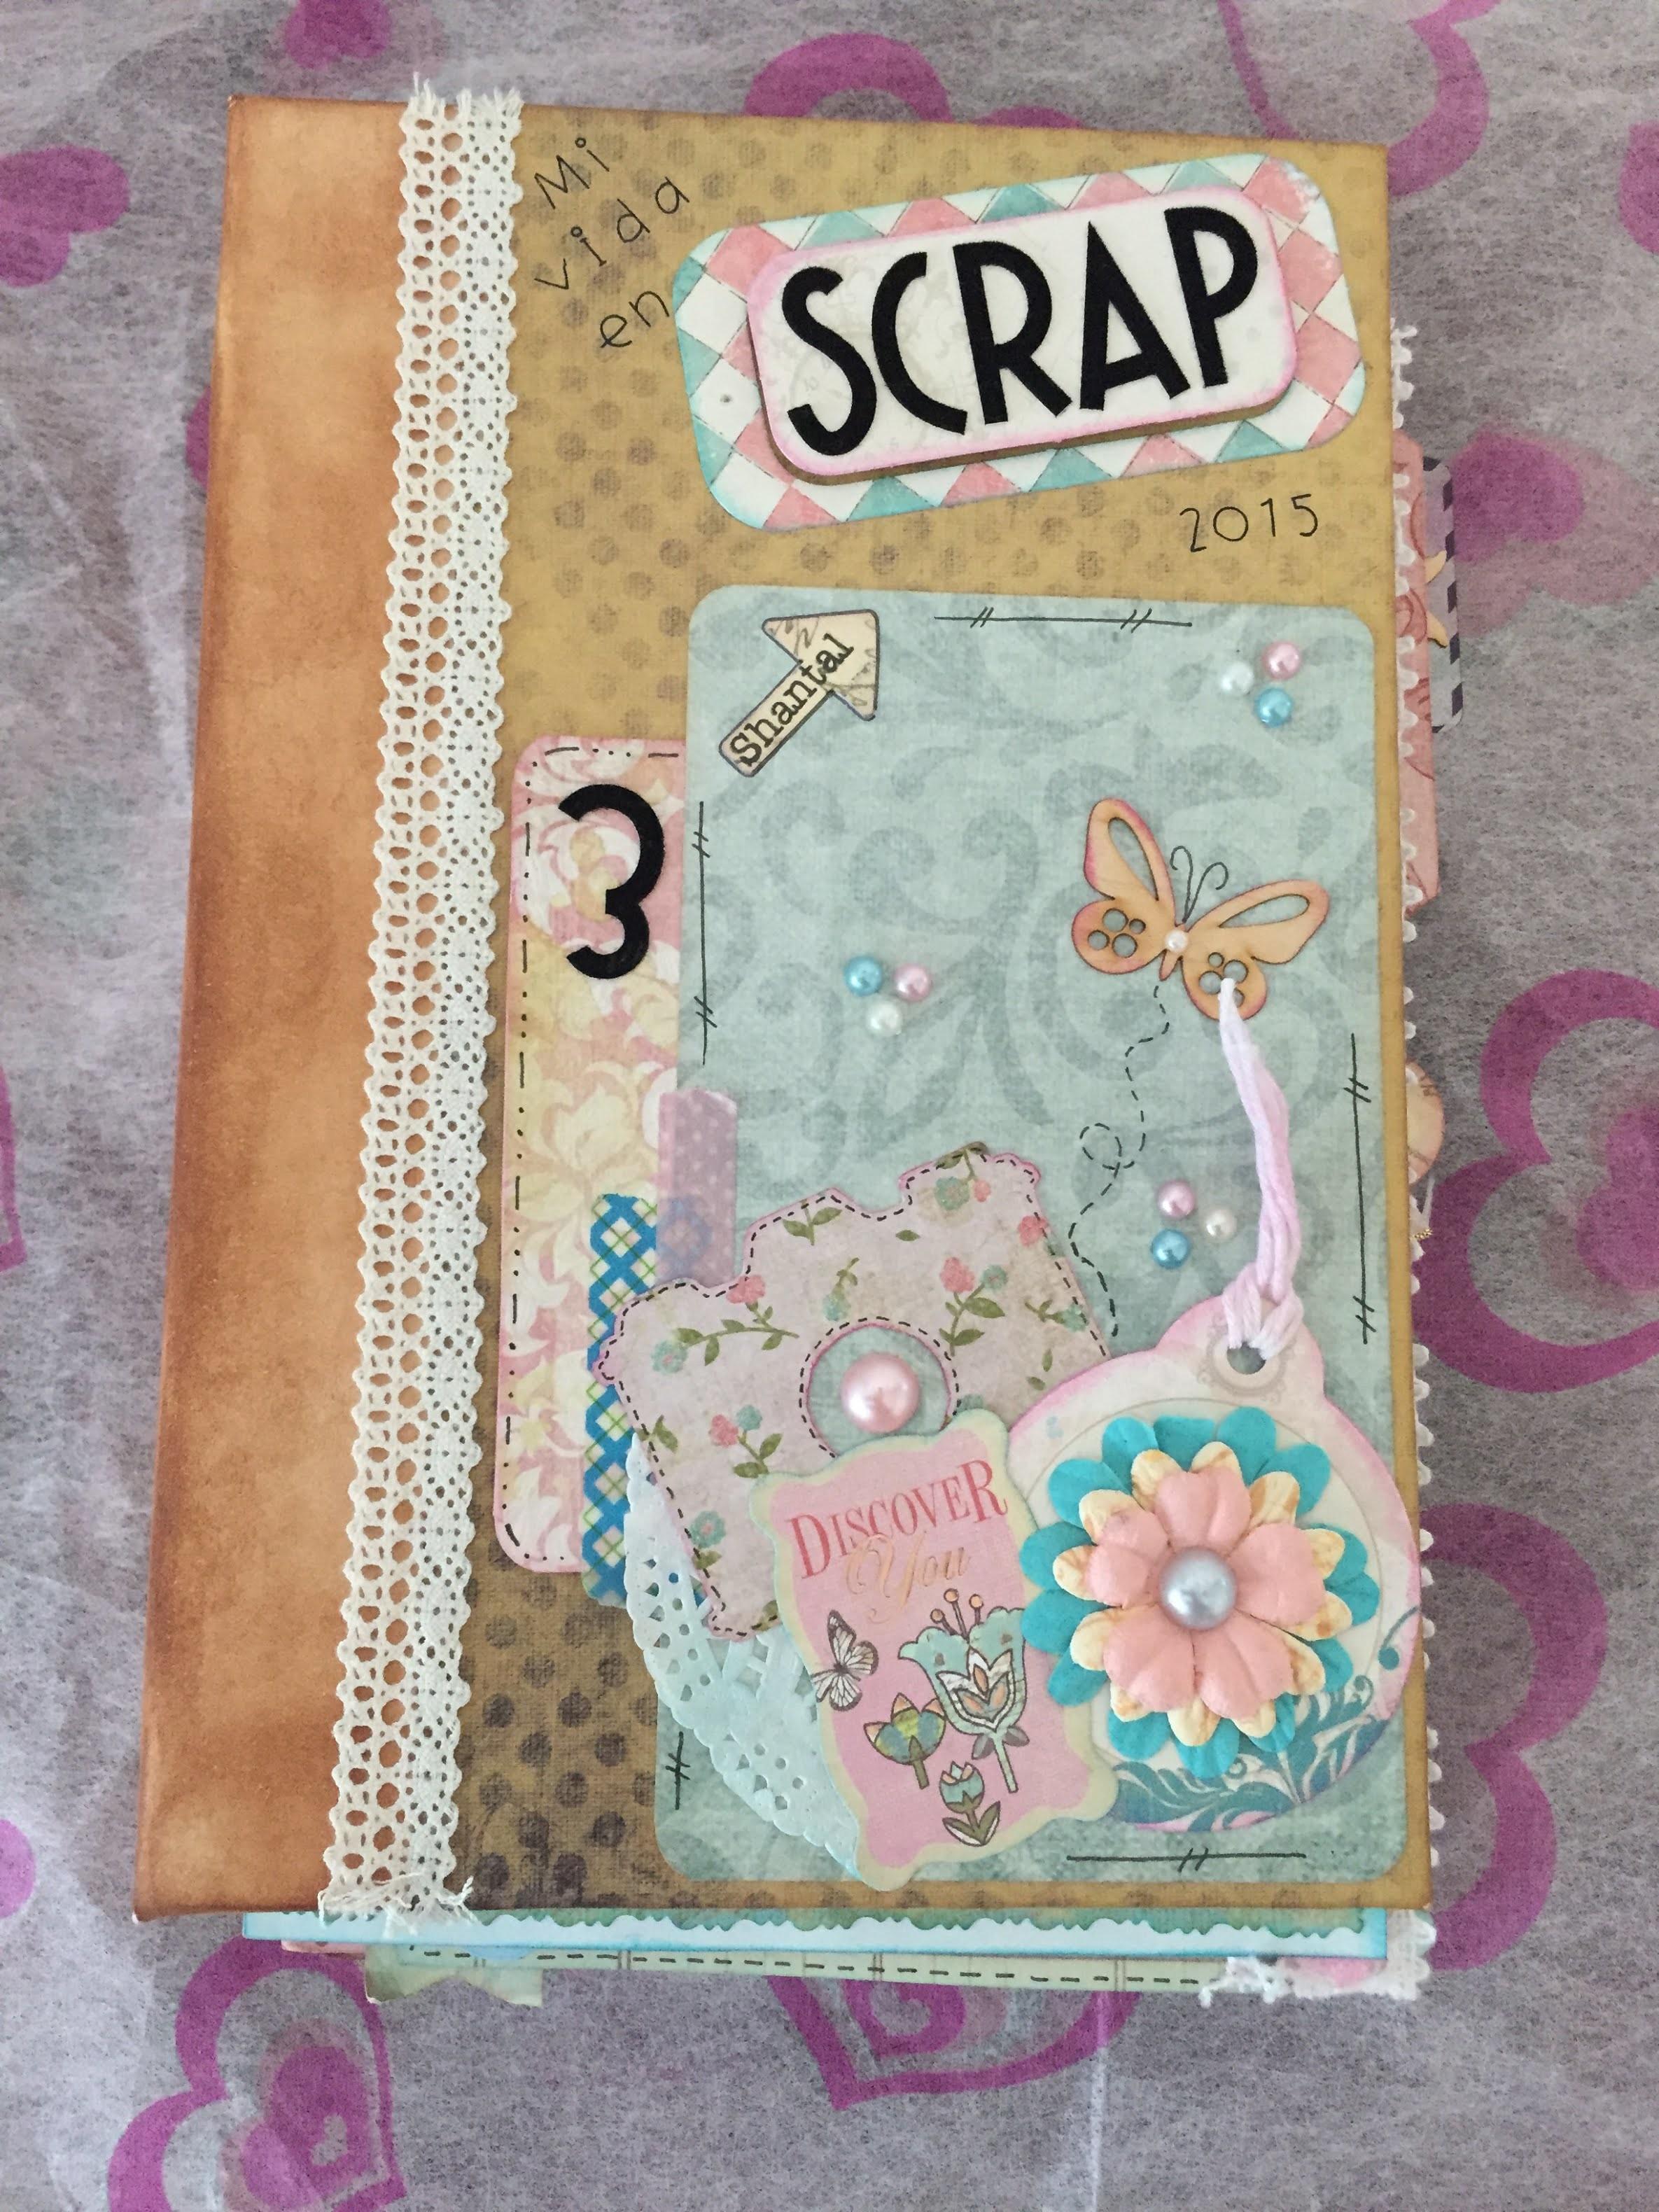 Participación Mi vida en scrap 3 (Scrapbook) de CREACIONES IZZY